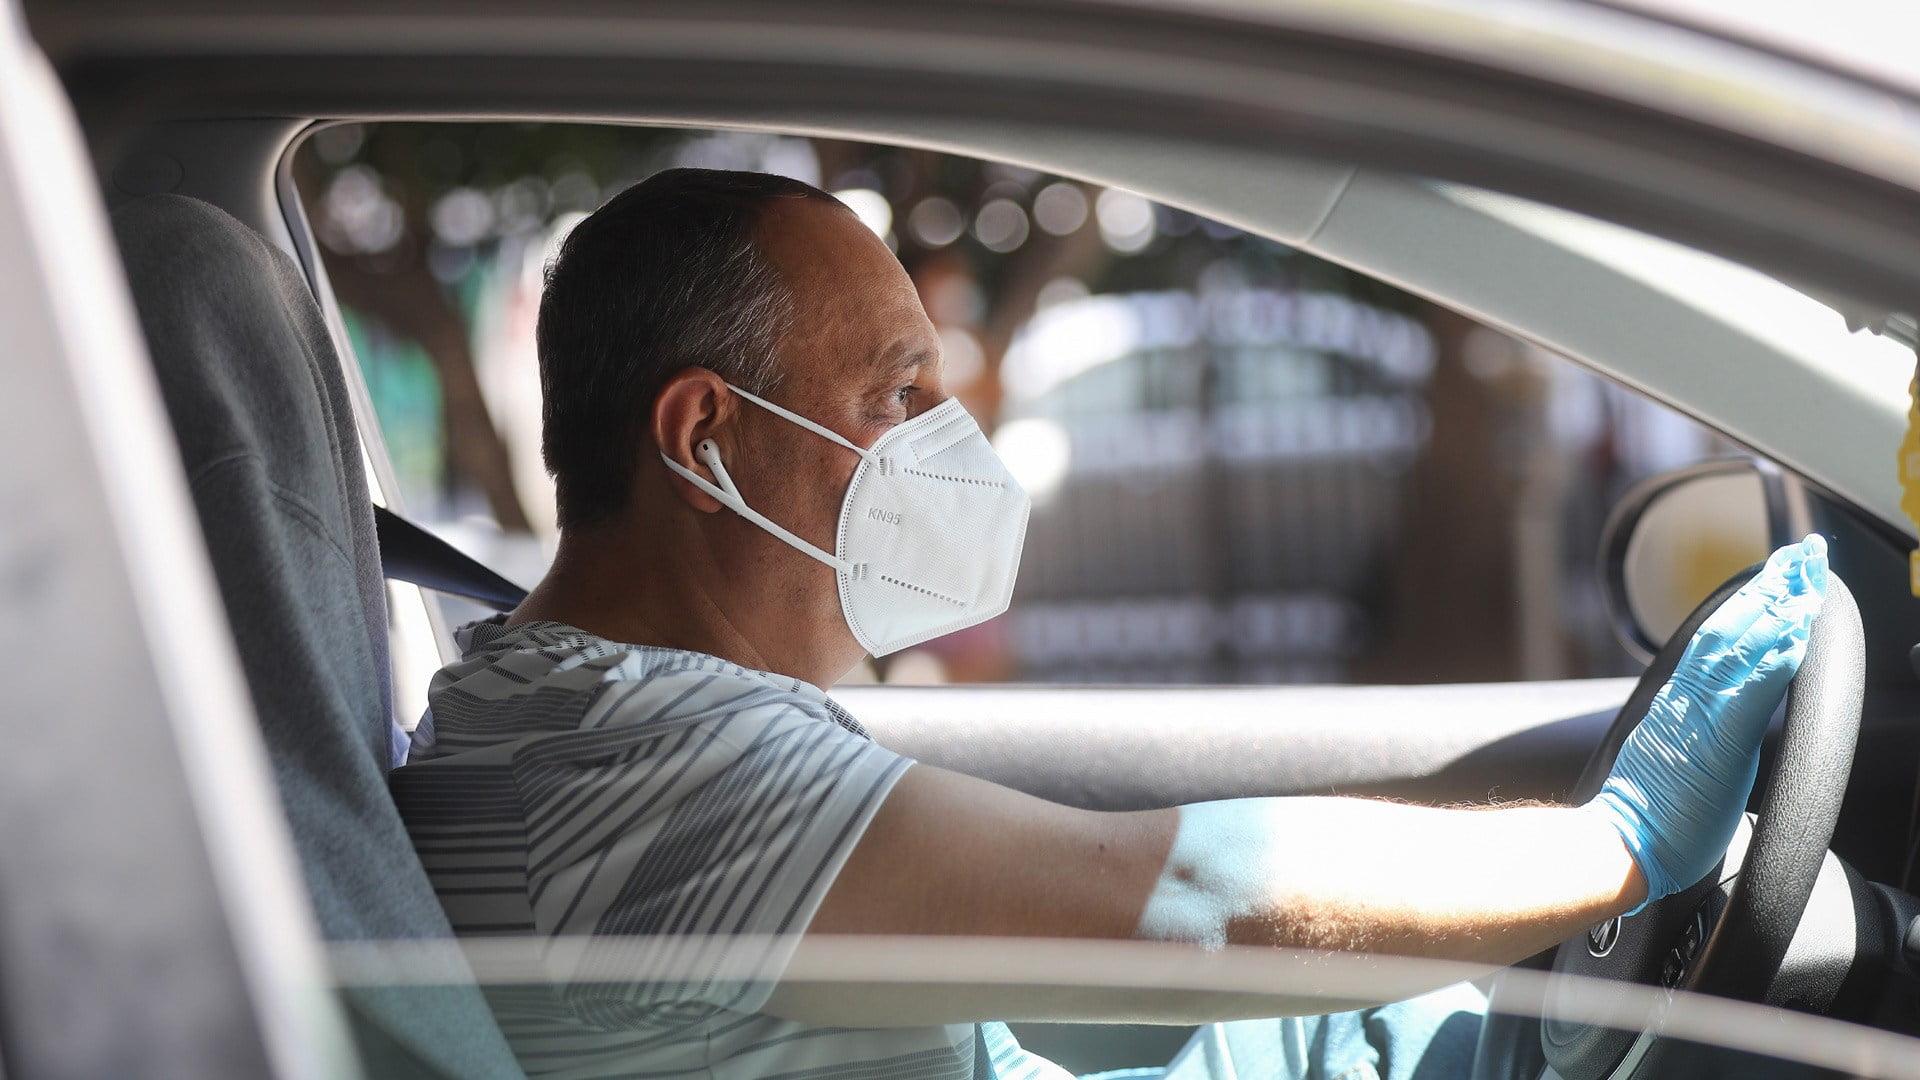 Uber, Lyft to Require Masks 7